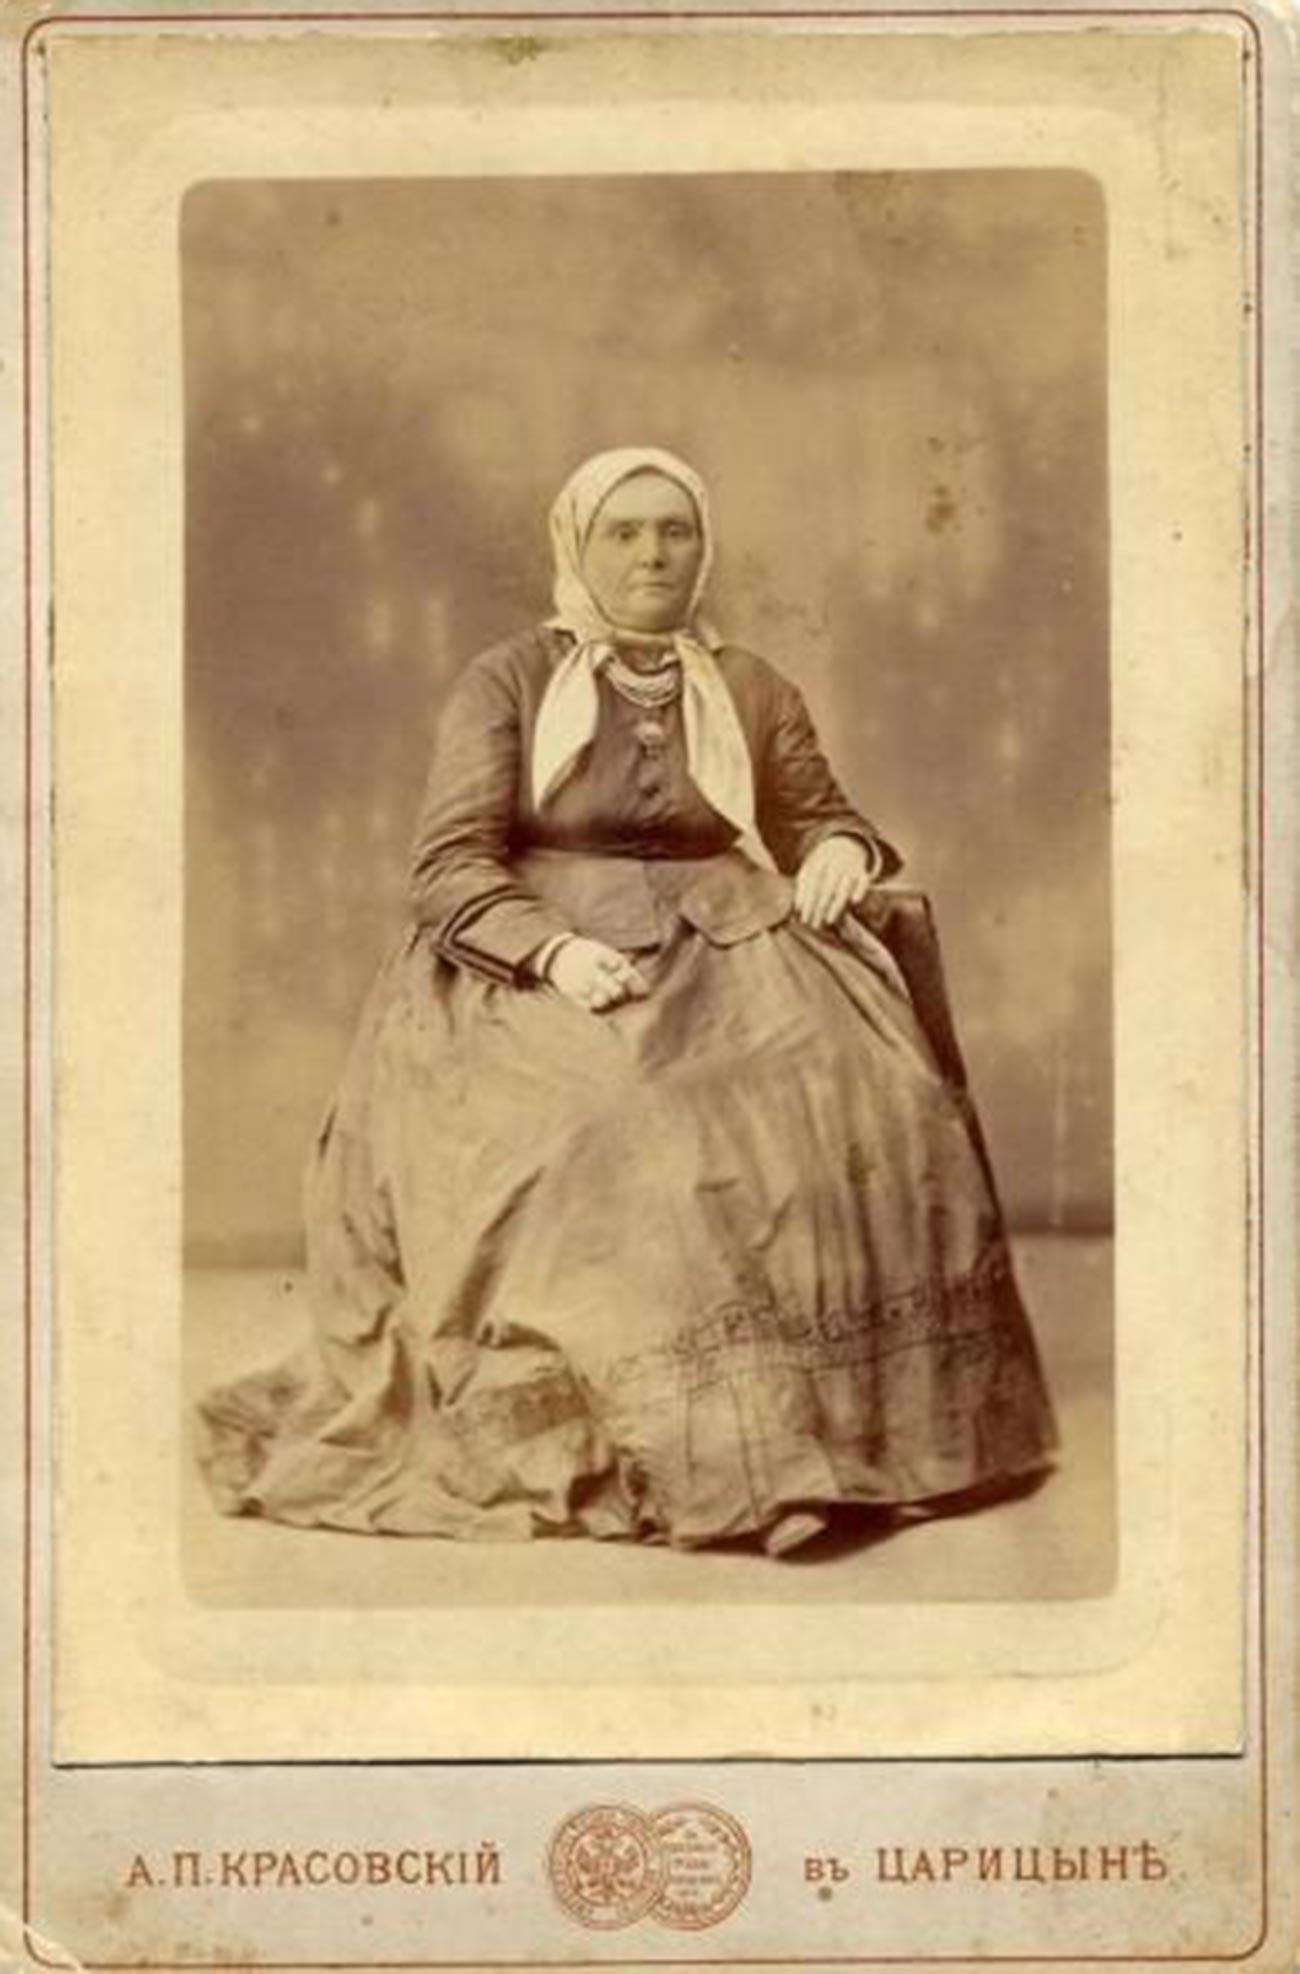 スカーフをかぶってポーズを取る老女。1870年代